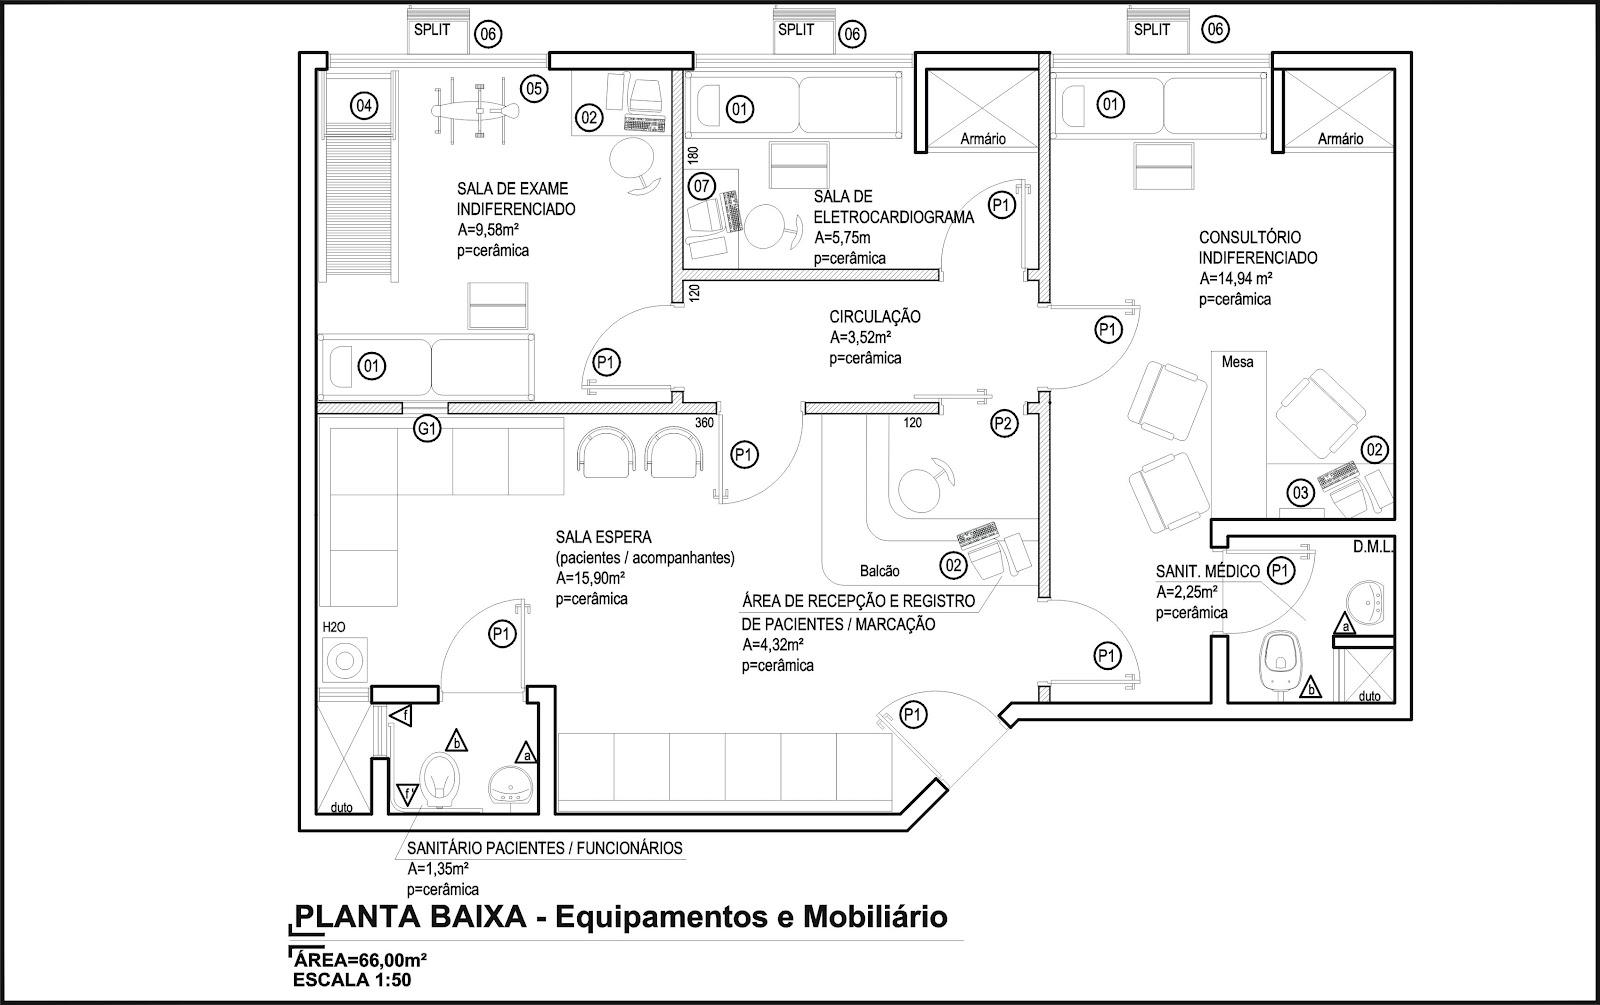 Imagens de #666565 FRANK E SUSTENTABILIDADE: DOCUMENTAÇÃO NECESSÁRIA PARA A  1600x1005 px 3426 Bloco Cad Banheiro Deficiente Planta